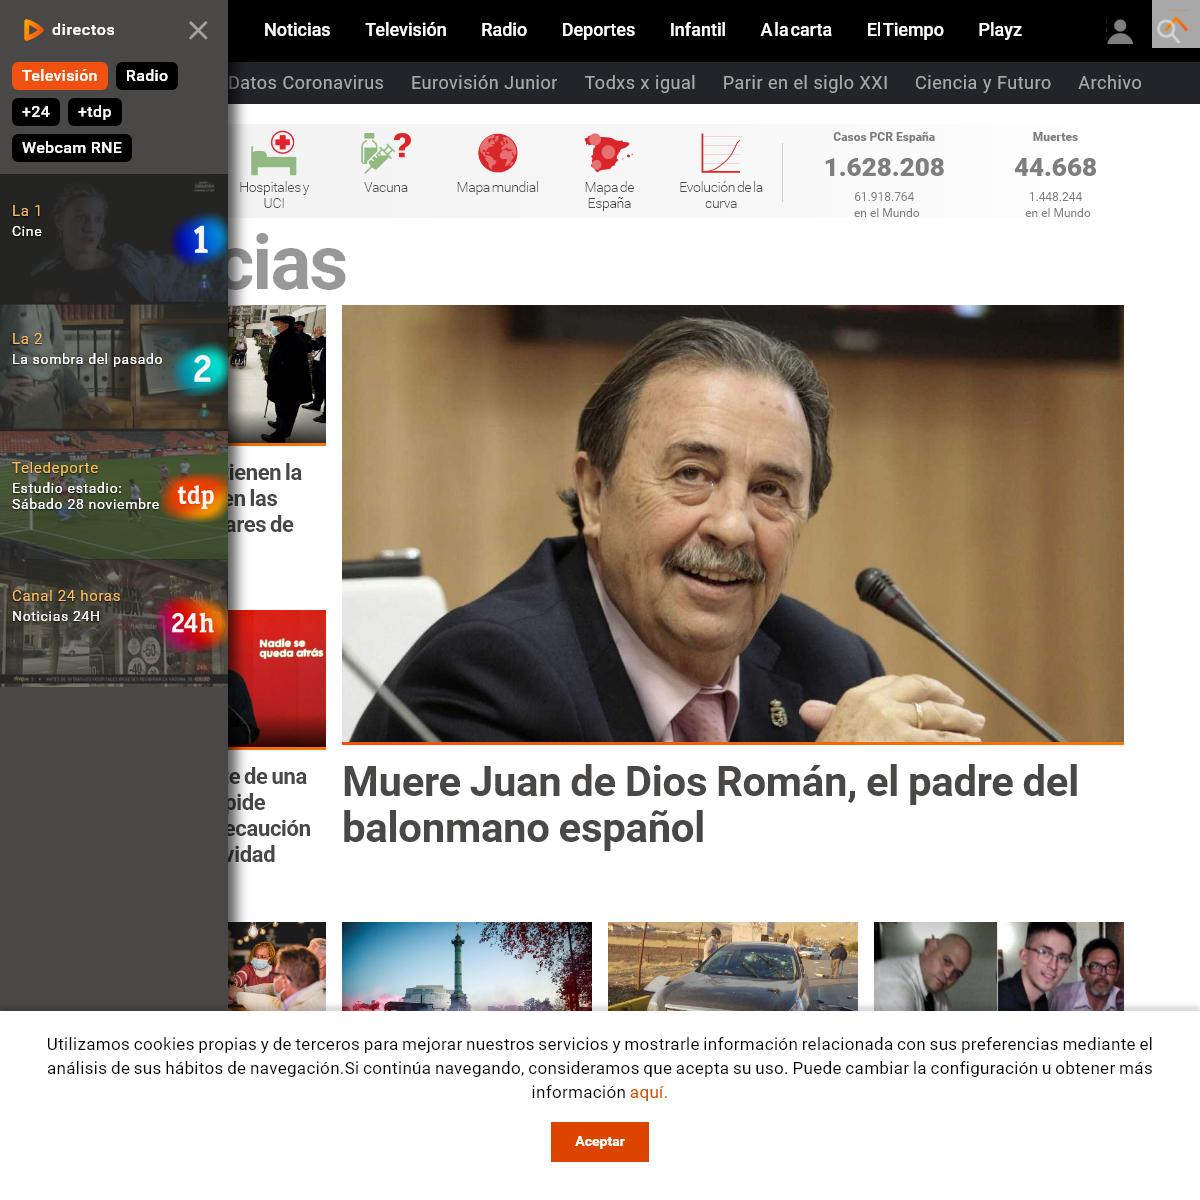 Noticias de última hora, programas y series de televisión - RTVE.es